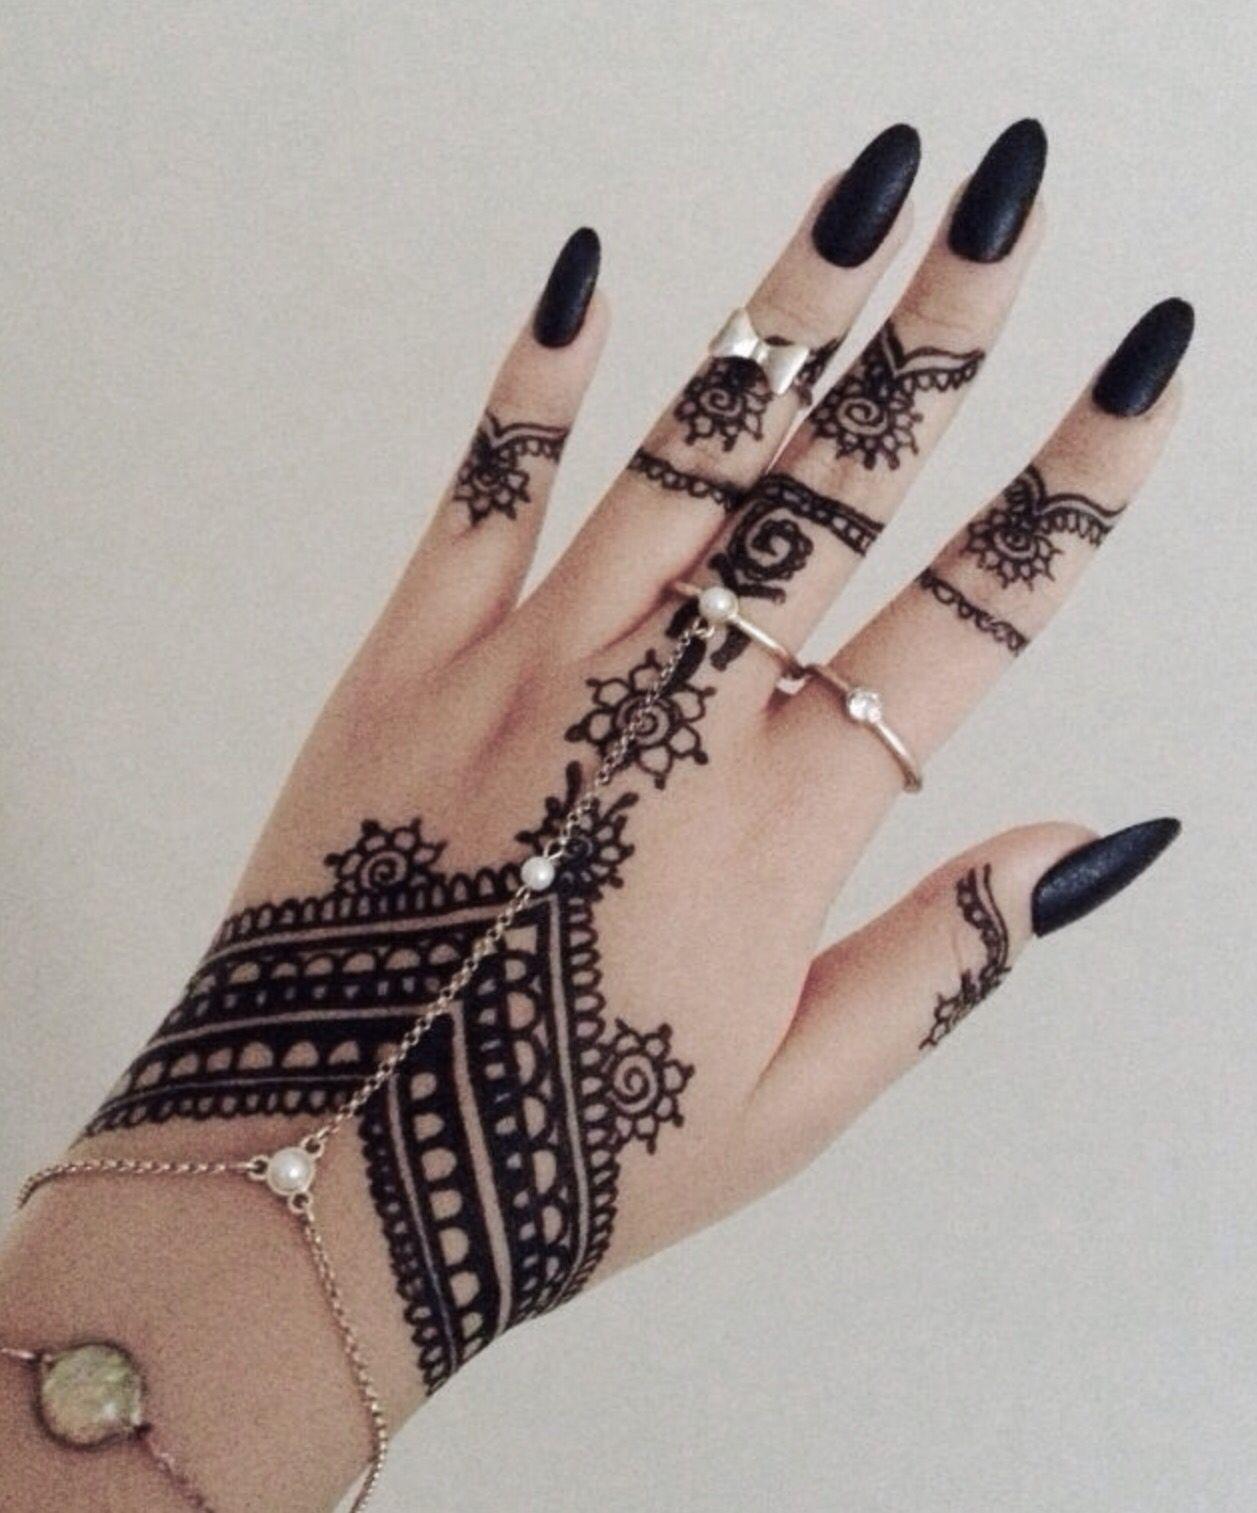 Pinterest Darkfrozenocean Henna Ink Print Design Pretty Unique Art Brown Black White Tattoo Henna Tattoo Designs Henna Tattoo Hand Henna